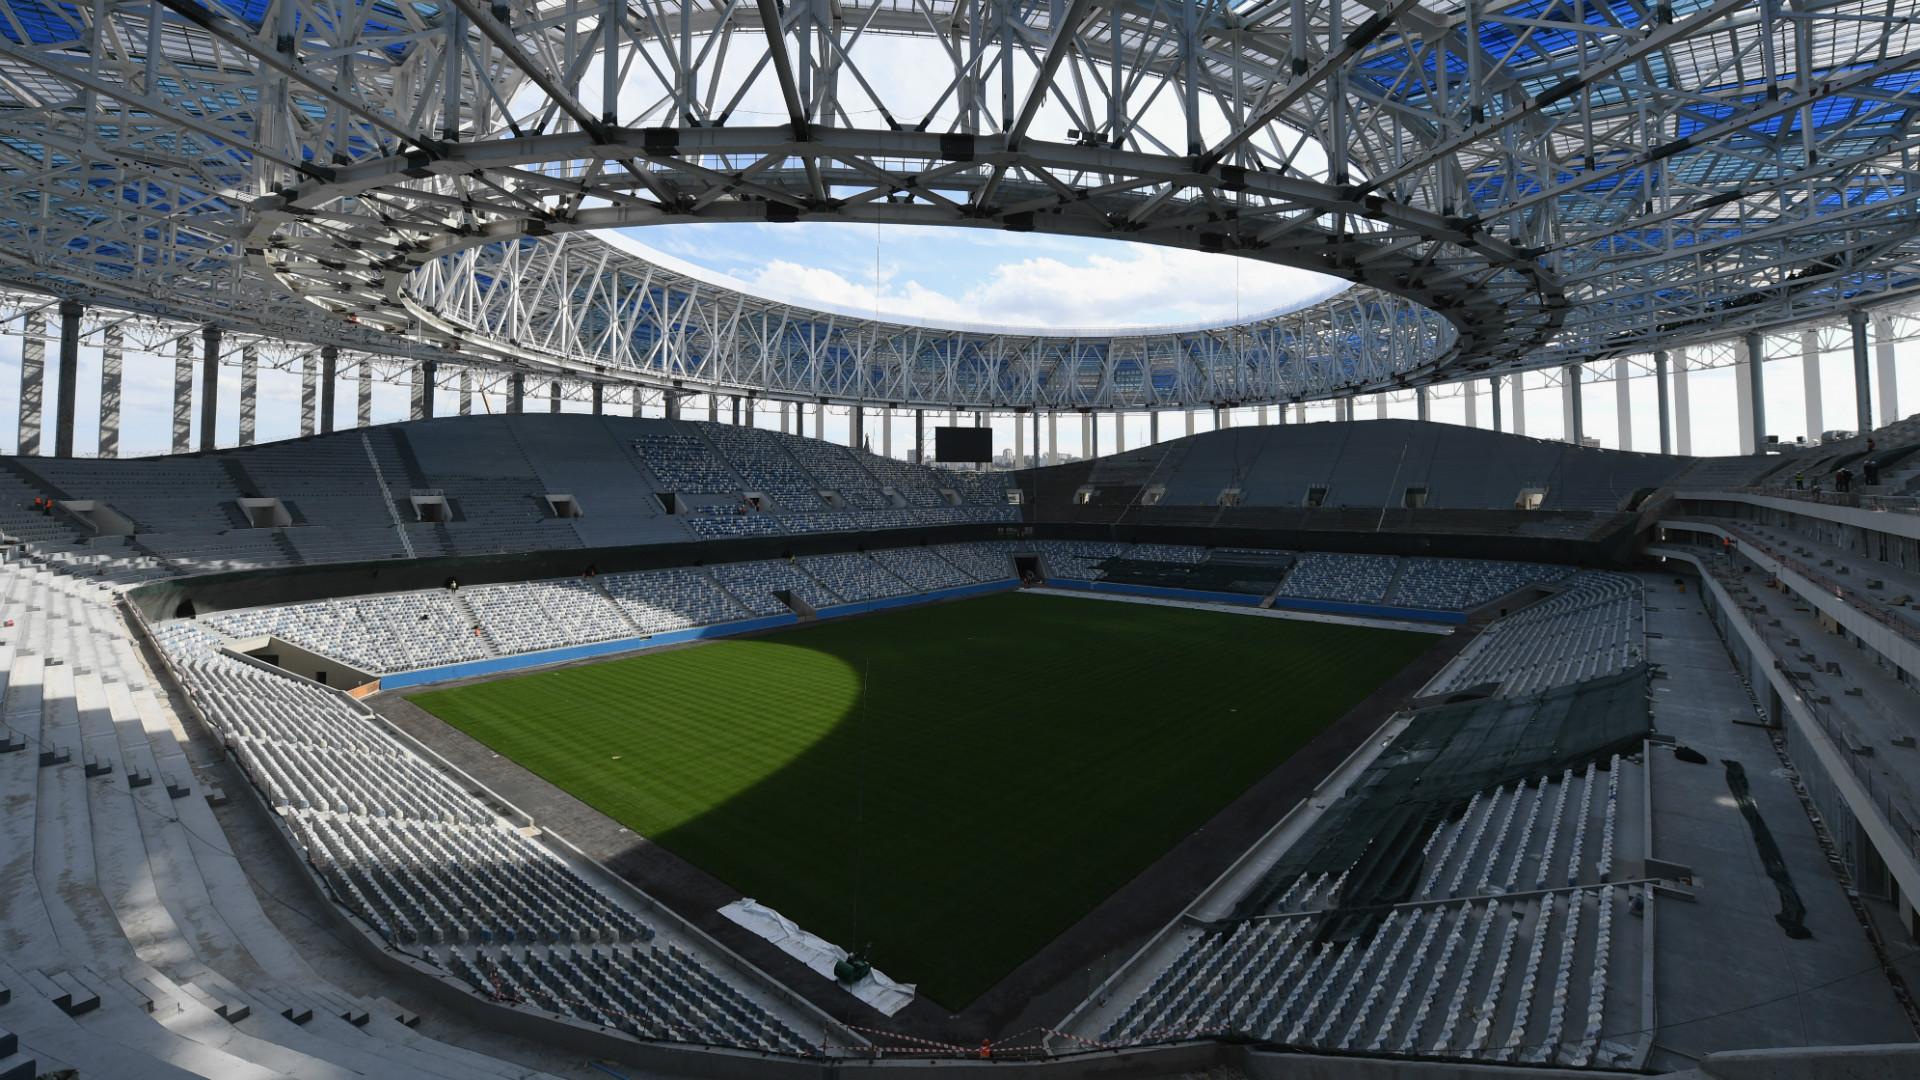 Nizhny Novogorod World Cup stadium